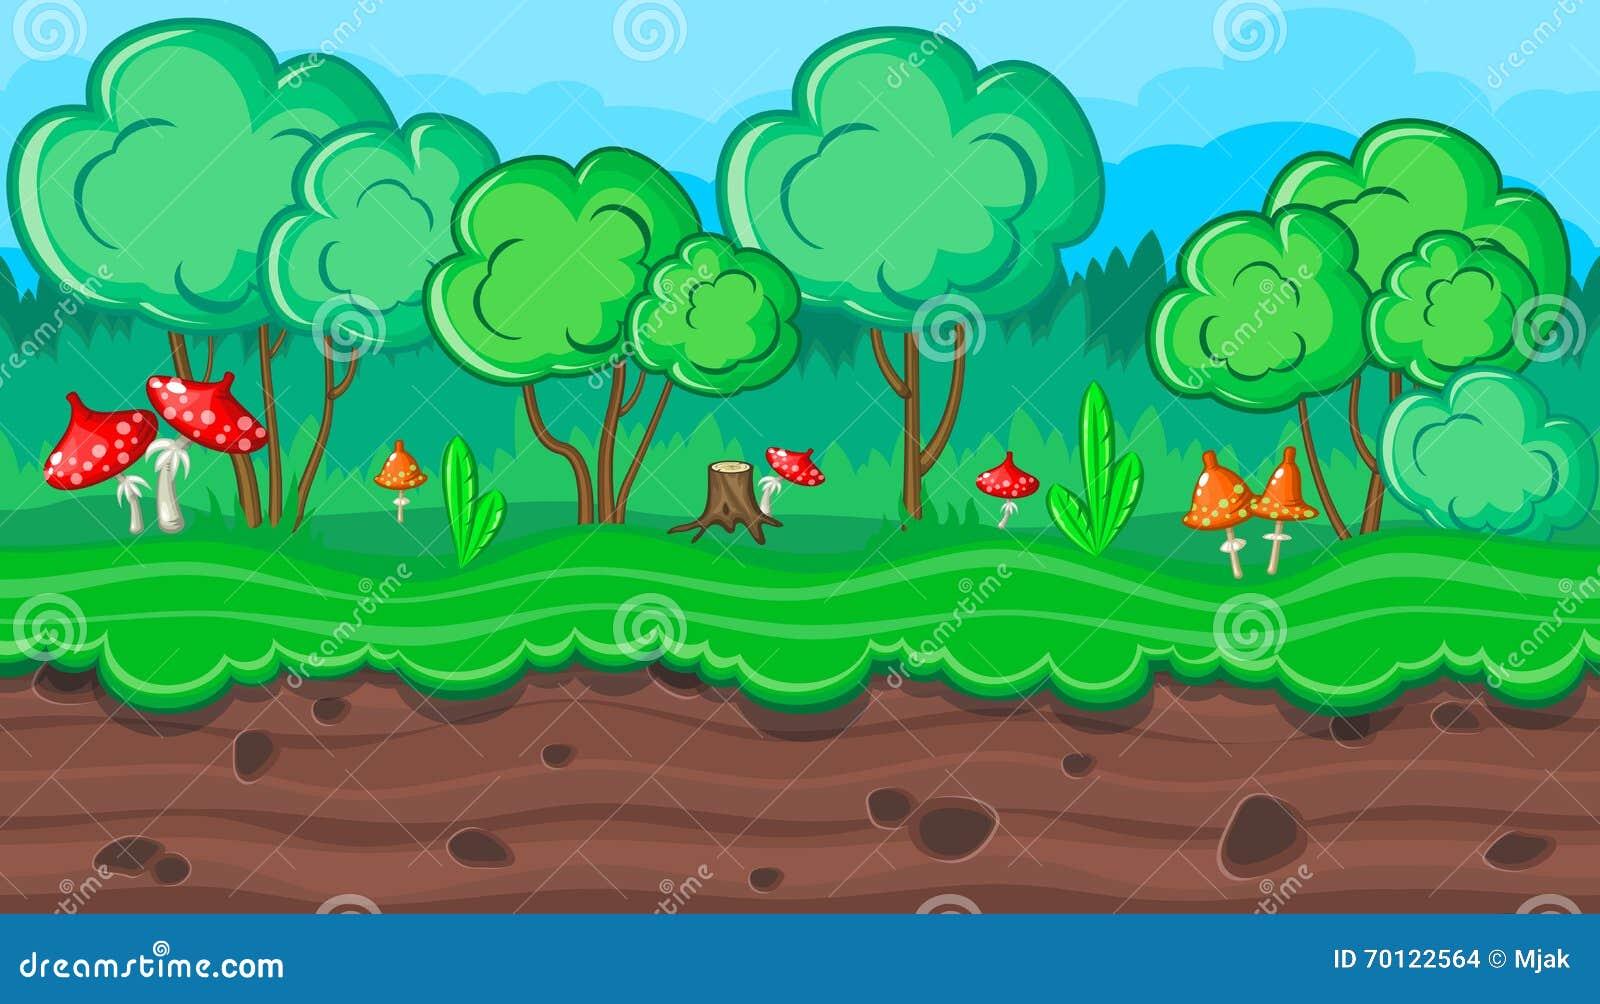 无缝的夏天森林风景用游戏设计的红色蘑菇图片